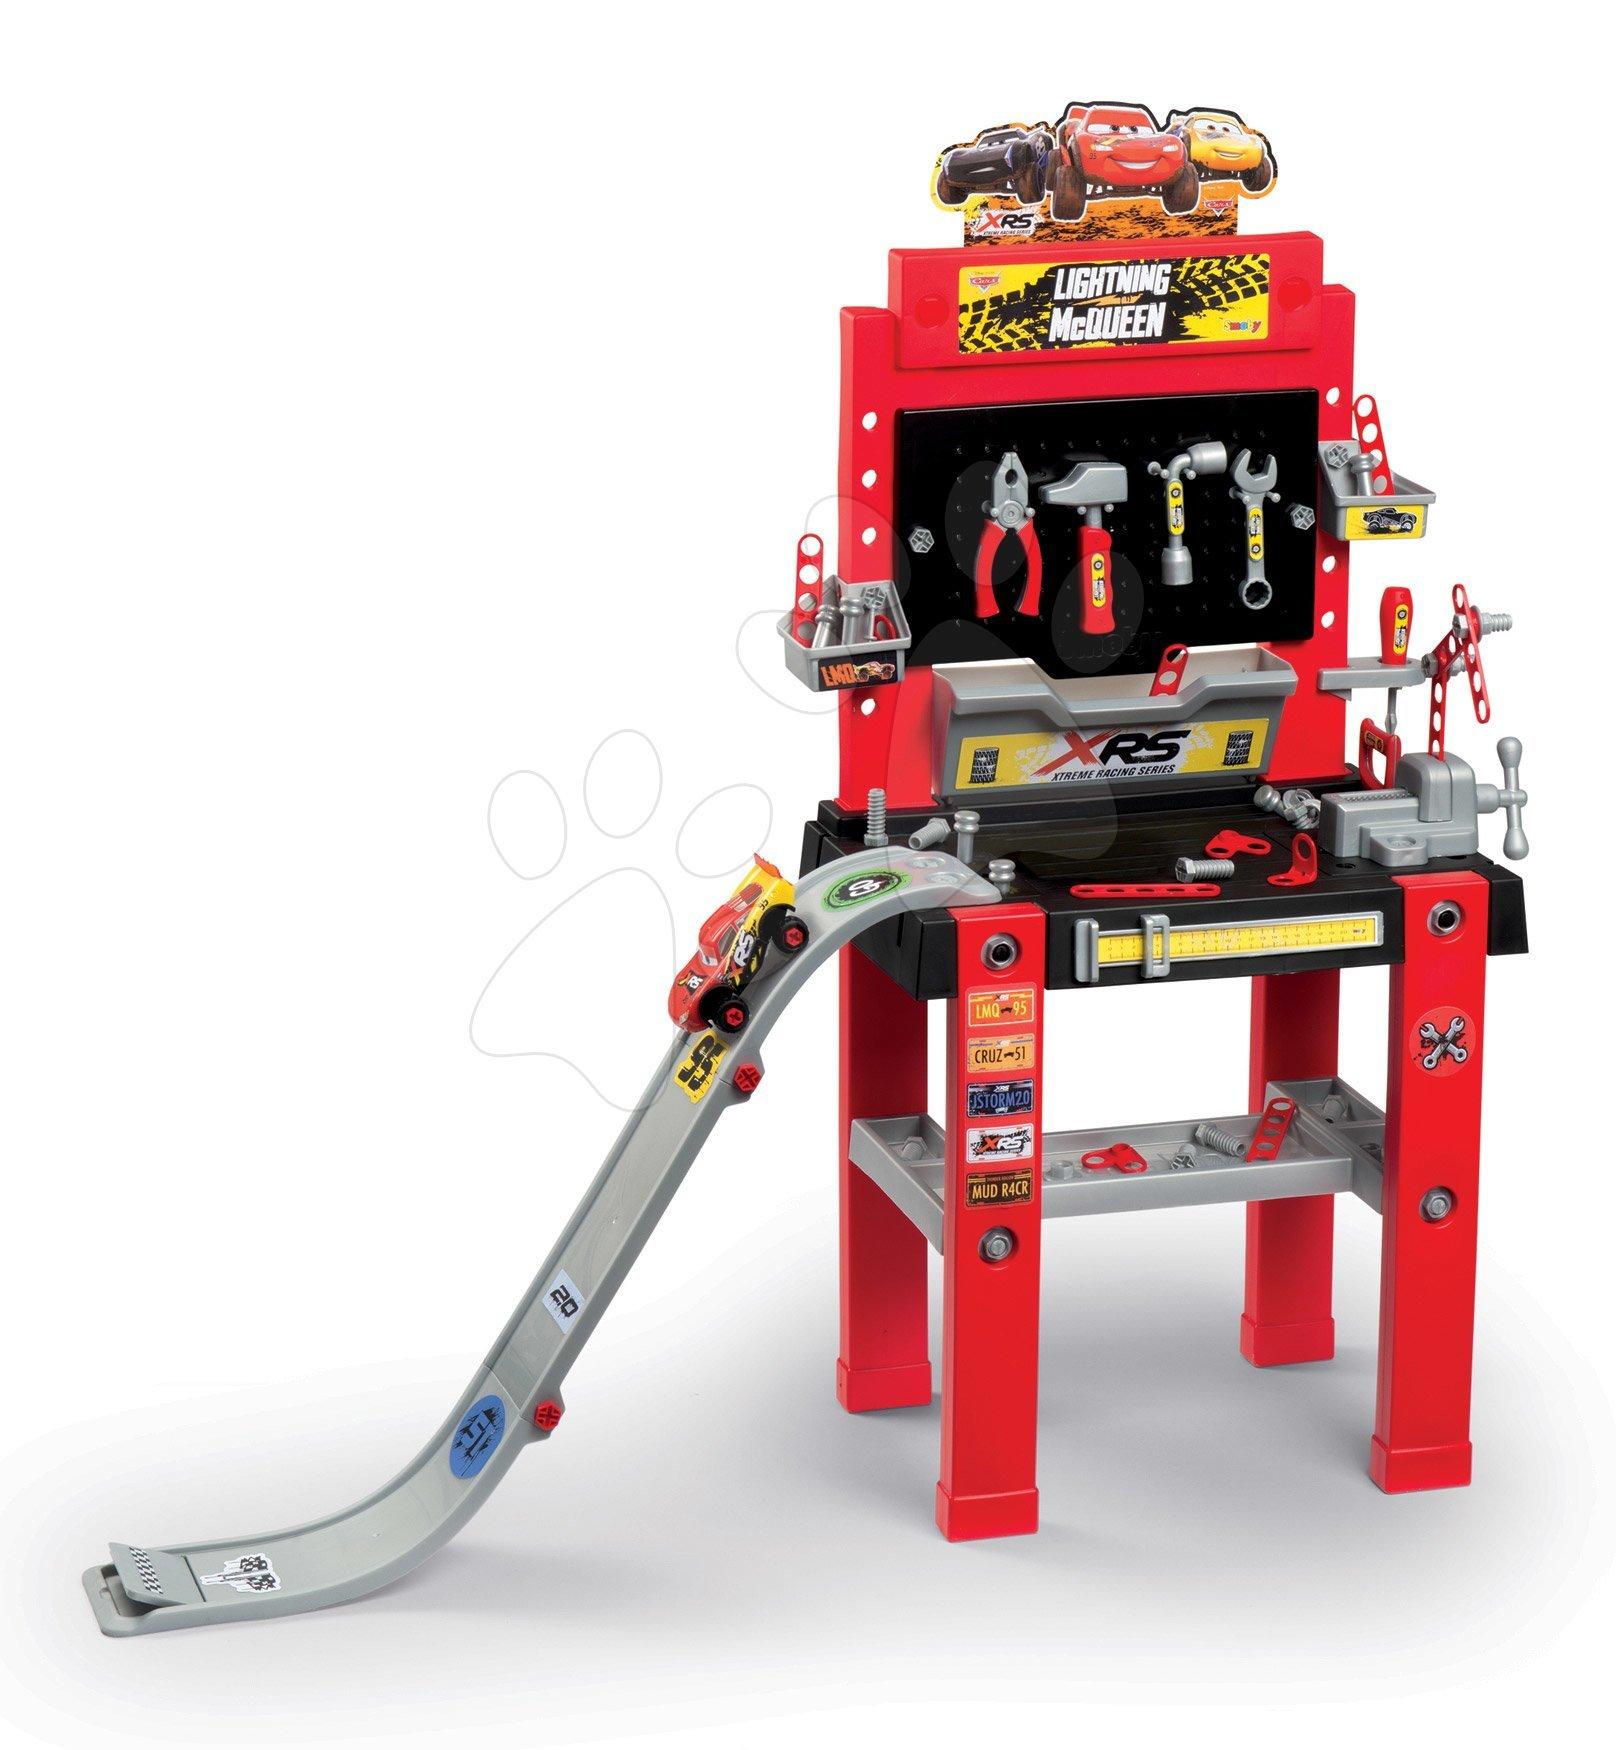 Atelier de lucru cu mașinuță de lansare Flash McQueen Cars XRS Smoby cu rampă și 94 de accesorii